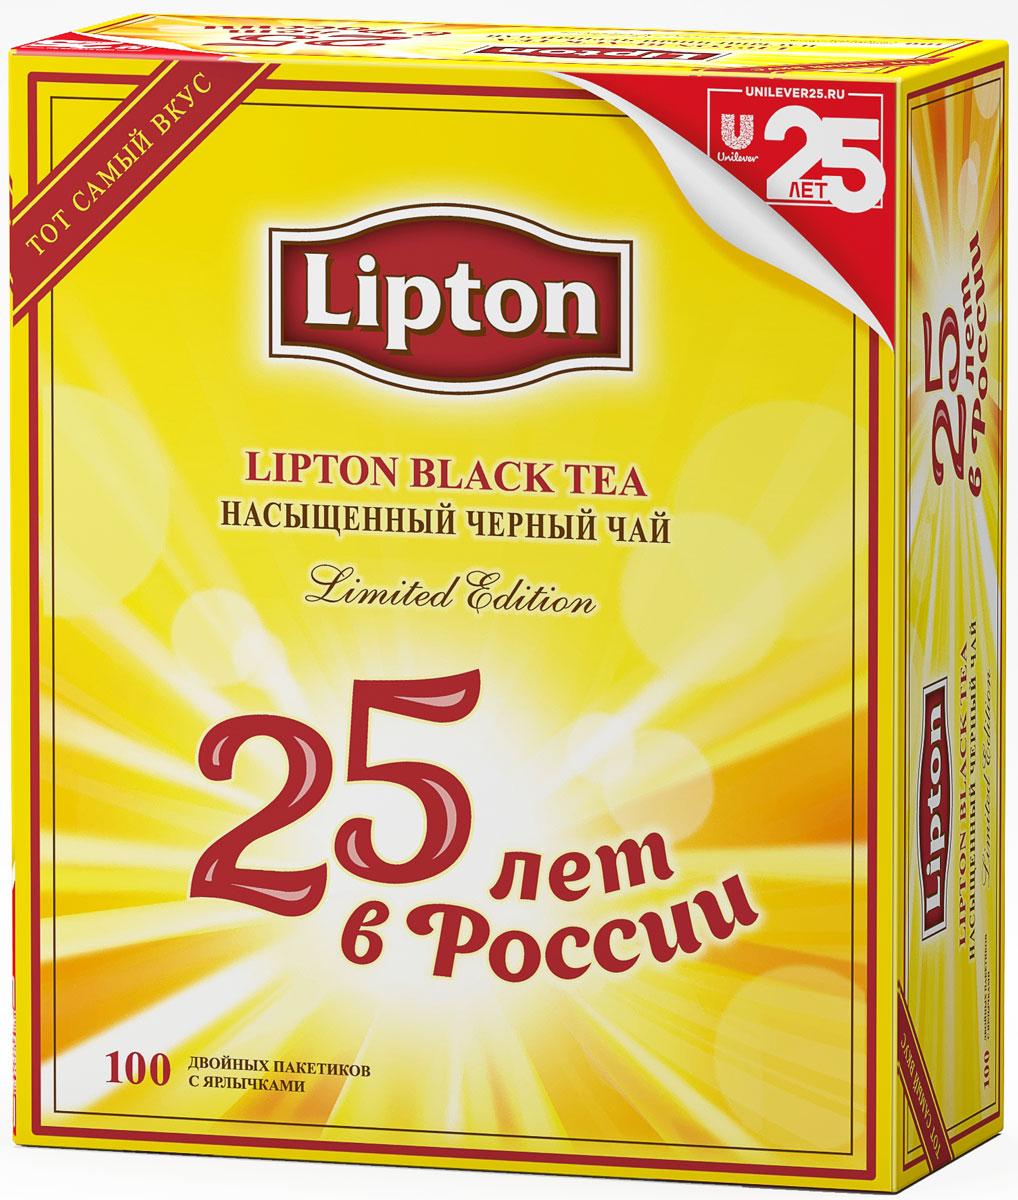 Lipton черный чай юбилейный 25 лет в пакетиках, 100 шт67152227Чай Lipton Black Tea Юбилейный 100 пакетиков.В этом году Lipton отмечает 25 лет в России! Специально к юбилею выпущена ограниченная серия Lipton Юбилейный - крепкий черный чай с насыщенным вкусом и богатым ароматом. Неизменное качество и вкус, как и 25 лет назад! Откройте для себя всю силу чайного листа вместе с всемирно известным напитком от Lipton!Научно доказано, что в чае содержится огромное количество витаминов и микроэлементов, поэтому, выпивая чашку чая, вы не только поглощаете приятный и бодрящий напиток, но и получаете полезные вещества, такие, как: антиоксиданты, аминокислоты и белки, эфирные масла, придающие неповторимый аромат чаю. Чай мягко тонизирует и помогает сконцентрироваться. Чай с мировым именем Lipton - это лидер среди чайных брендов: его пьют в более чем 150 странах. Мировой объем потребления чая Lipton составляет 4,5 млрд литров в год. Каждый день в мире выпивается 205 млн чашек чая Lipton.Ключевой фактор в укреплении лидерских позиций Lipton - высокое качество и внимание к меняющимся предпочтениям потребителей. Специалисты Lipton внимательно следят за каждым этапом создания чая, начиная с рождения чайного листа и заканчивая купажированием, чтобы Вы могли в полной мере насладиться насыщенным вкусом и богатым ароматом вашего любимого чая. Продукция компании - это только свежие чайные листья, натуральный сок чайных листьев, насыщенный вкус и богатый аромат чая.Пусть ваш день станет ярче с превосходным вкусом чая Lipton English Breakfast! Нежные чайные листочки, выращенные под теплыми лучами солнца, дарят чаю насыщенный вкус и превосходный богатый аромат. Ощутите тепло солнца в каждой чашке. Чай обогащен соком из свежих чайных листьев. Lipton English Breakfast - крепкий и бодрящий. Вкус, пробуждающий, как первый луч солнца. Идеально подходит для начала великолепного дня.